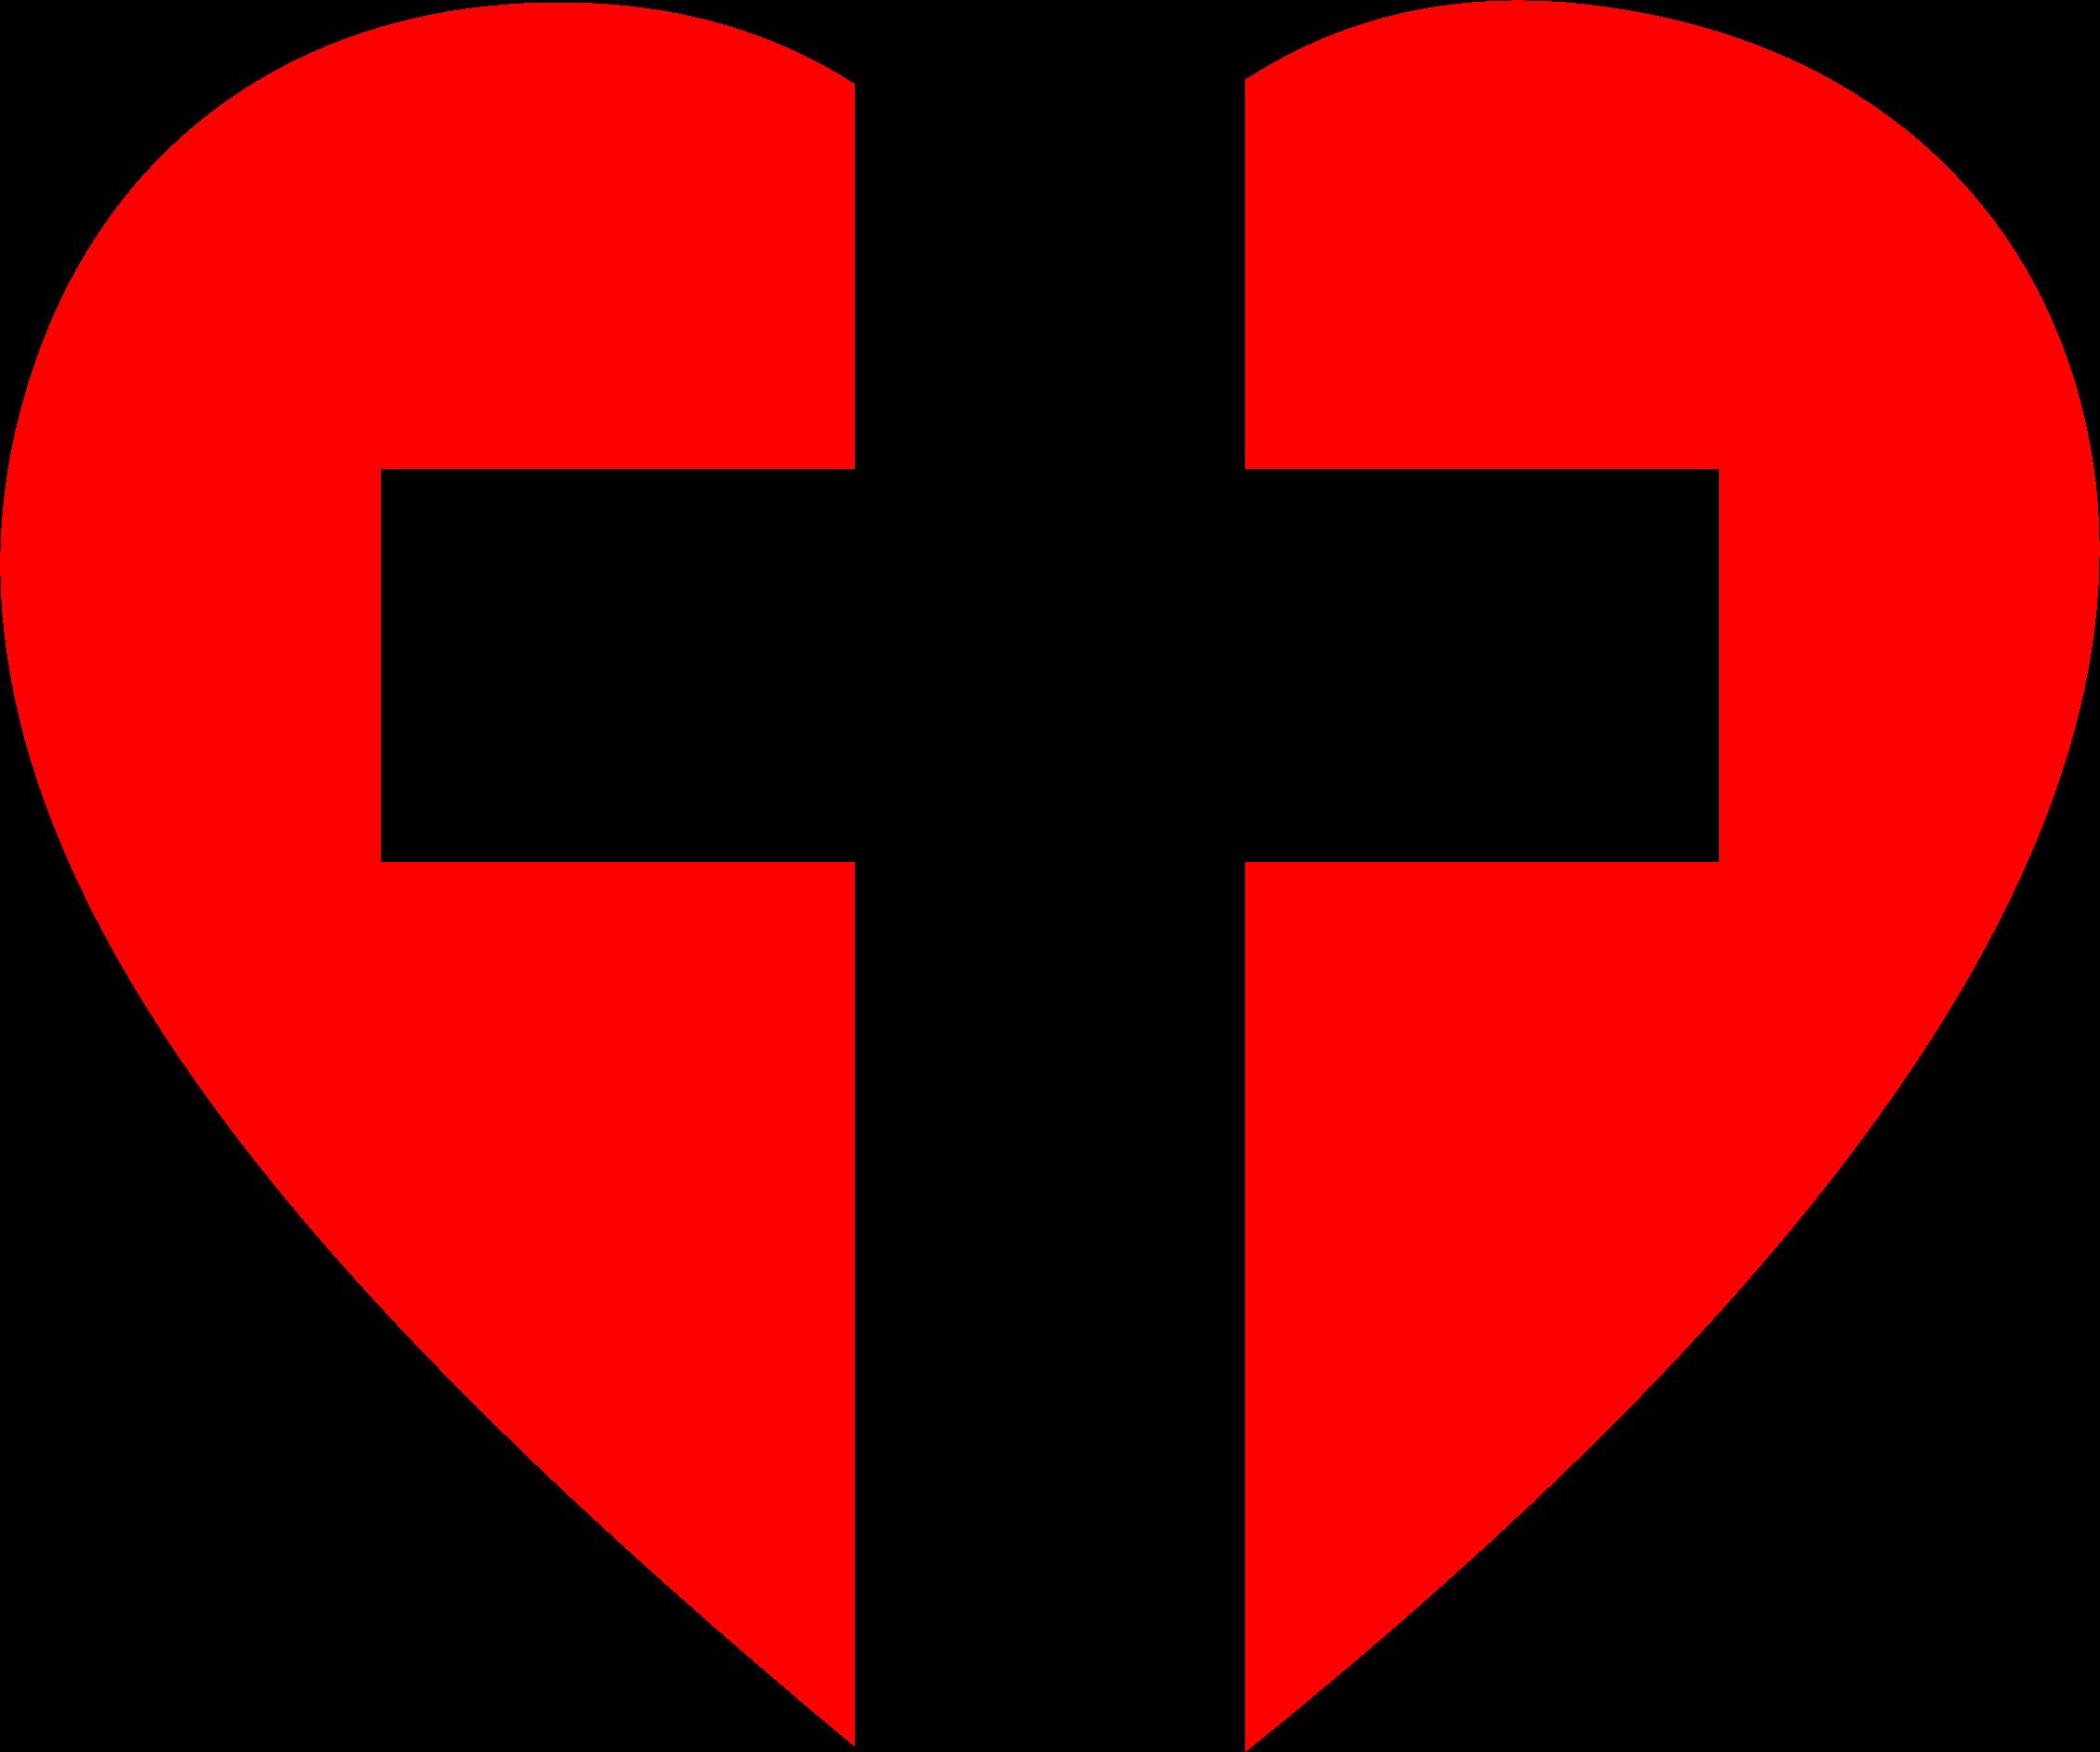 Cross clip art heart. Clipart big image png